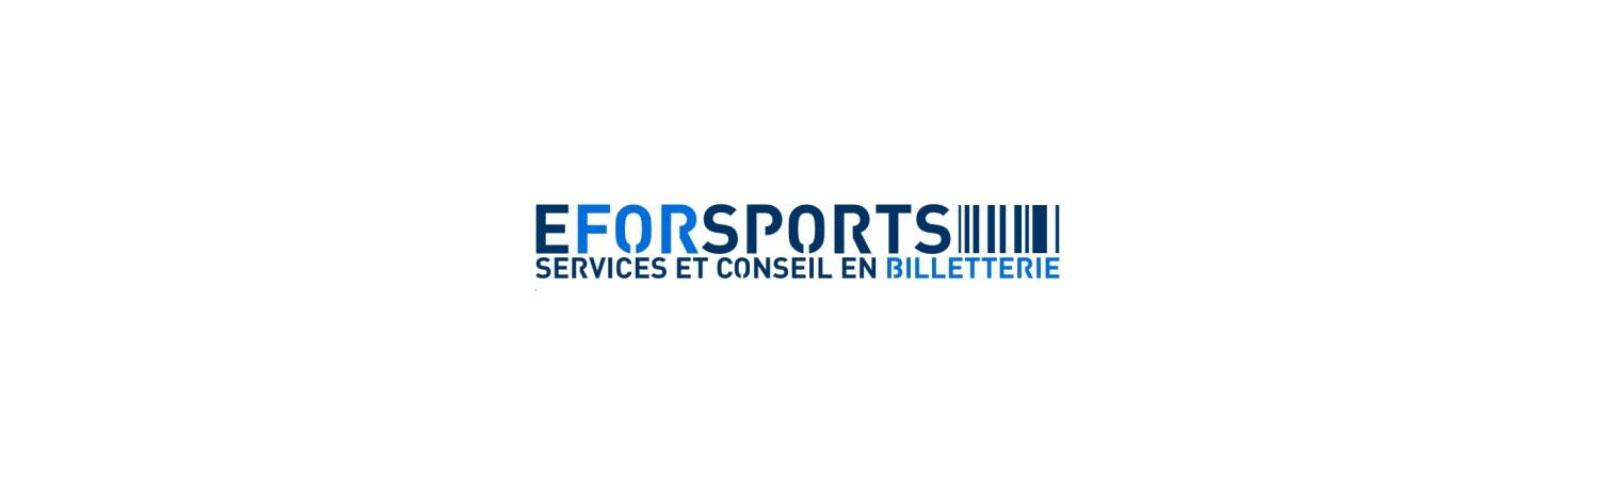 eforsports-communique